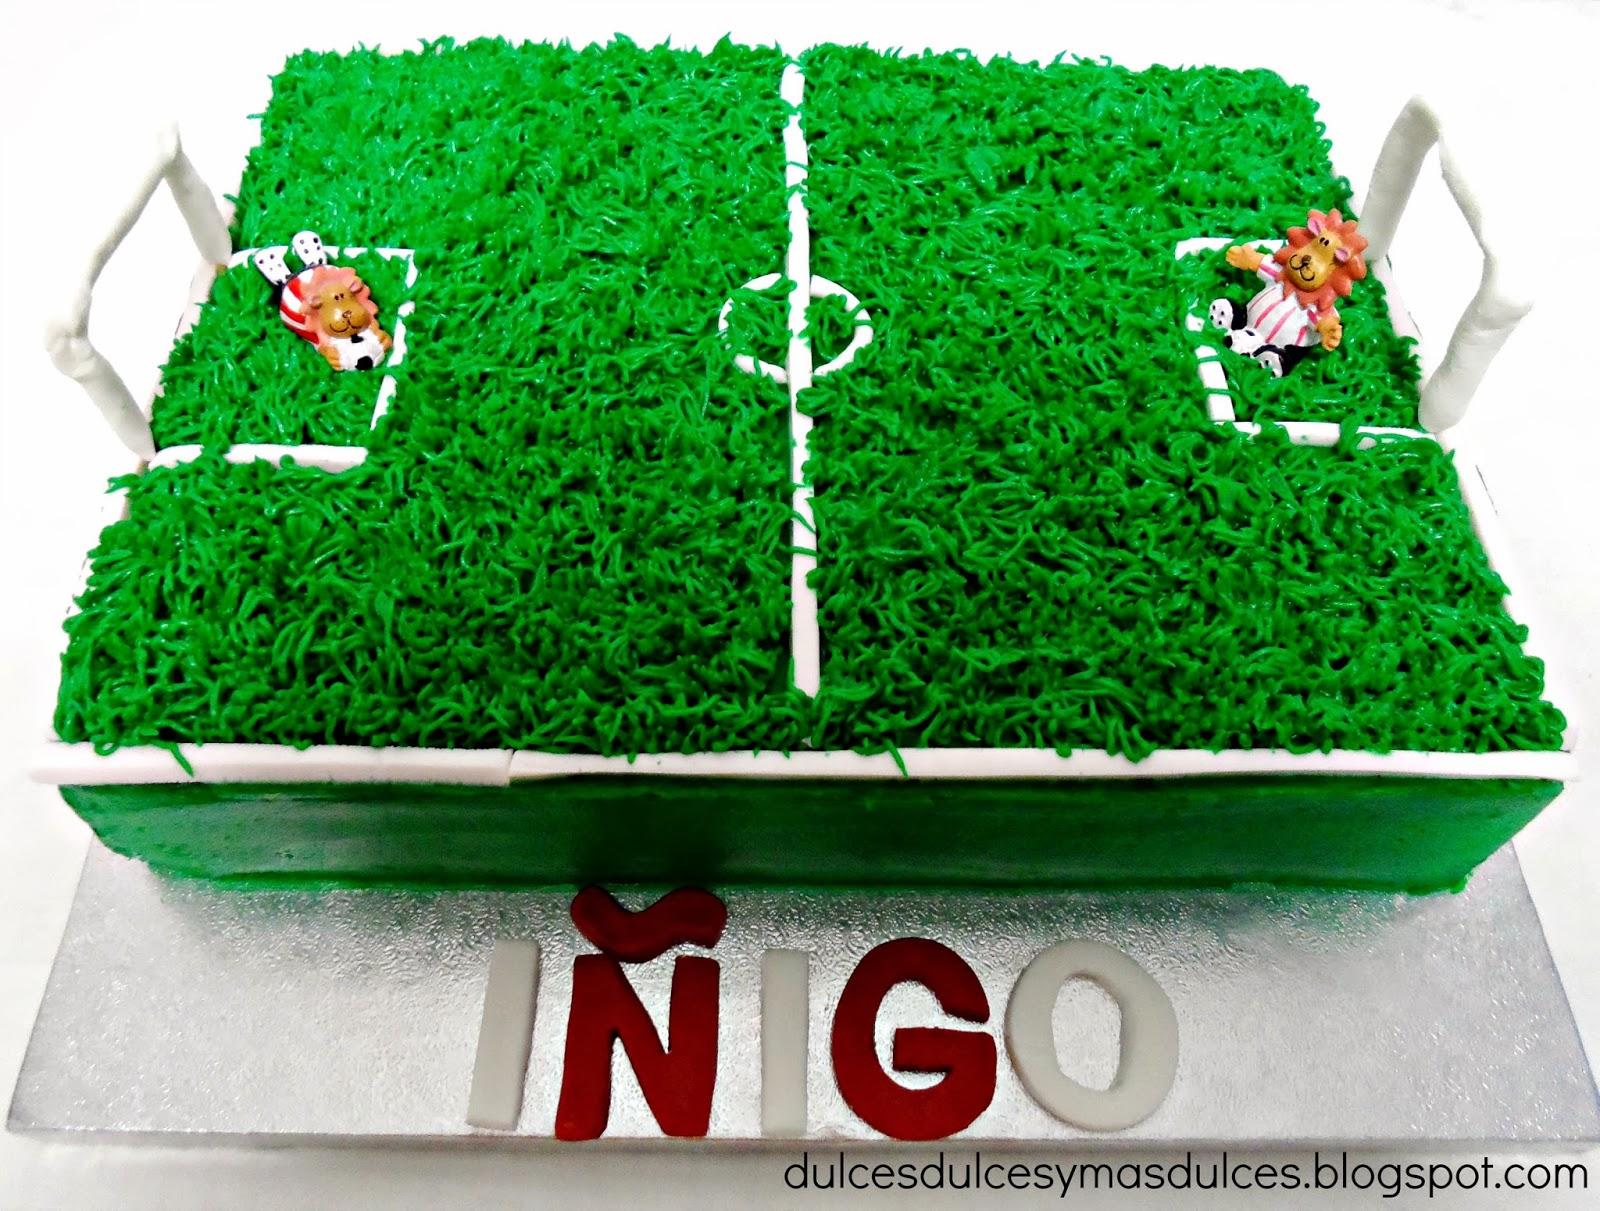 Imagenes De Un Campo De Futbol - Campo De Futbol Fotos y Vectores gratis Freepik